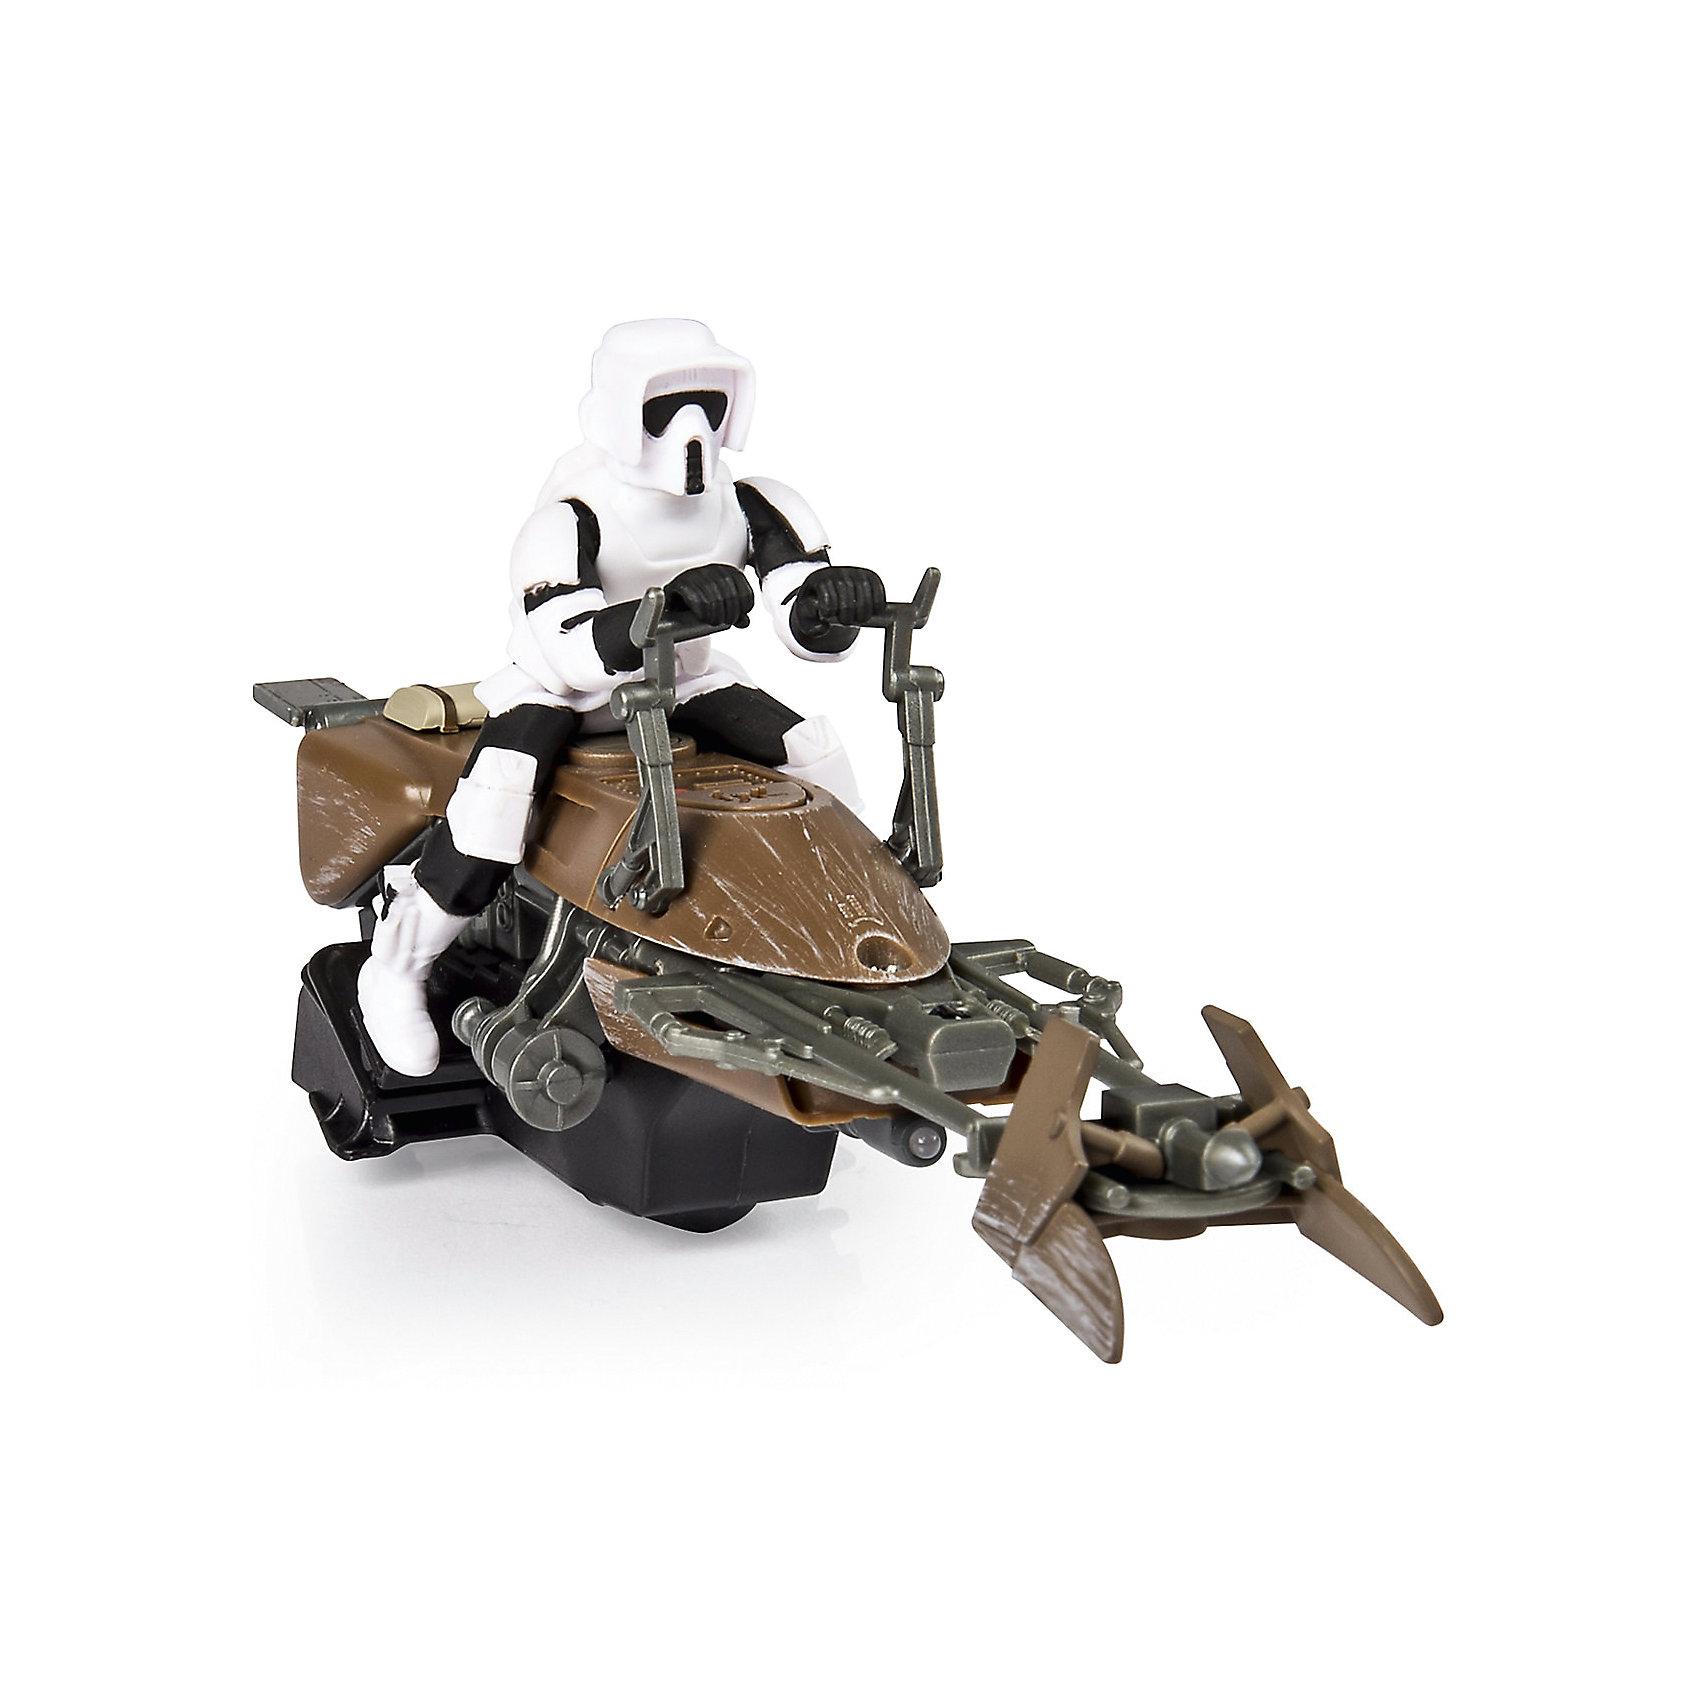 Скоростной байк на р/у, Air Hogs, Звёздные войныМашинки<br>Скоростной байк, Air Hogs, Звёздные войны - это радиоуправляемая машинка с антуражным корпусом, световыми и звуковыми эффектами.<br>Модель спидербайка, оседланного имперским штурмовиком, какие вы могли видеть на Эндоре в шестом эпизоде, без сомнения понравится вашему ребенку. Теперь у него есть возможность воссоздать любимые сцены из фильма. Спидер - антигравитационный транспорт из вселенной Звездных войн. Антигравитационные технологии, увы, пока существуют только в кино, но плавный ход небольших колес радиоуправляемой игрушки создает правдивую иллюзию полета. Модель может похвастаться высококачественным детализированным корпусом, прекрасной маневренностью и чувствительным управлением, а также световыми и звуковыми эффектами.<br><br>Дополнительная информация:<br><br>- В наборе: спидер, пульт<br>- Размер: 20-22 см.<br>- Батарейки: 6 х AA/LR6 1.5V (в комплект не входят)<br>- Материал: пластик<br>- Размер упаковки: 14 х 15 х 3,5 см.<br>- Вес: 563 гр.<br><br>Скоростной байк, Air Hogs, Звёздные войны можно купить в нашем интернет-магазине.<br><br>Ширина мм: 140<br>Глубина мм: 150<br>Высота мм: 350<br>Вес г: 563<br>Возраст от месяцев: 72<br>Возраст до месяцев: 144<br>Пол: Мужской<br>Возраст: Детский<br>SKU: 6899737